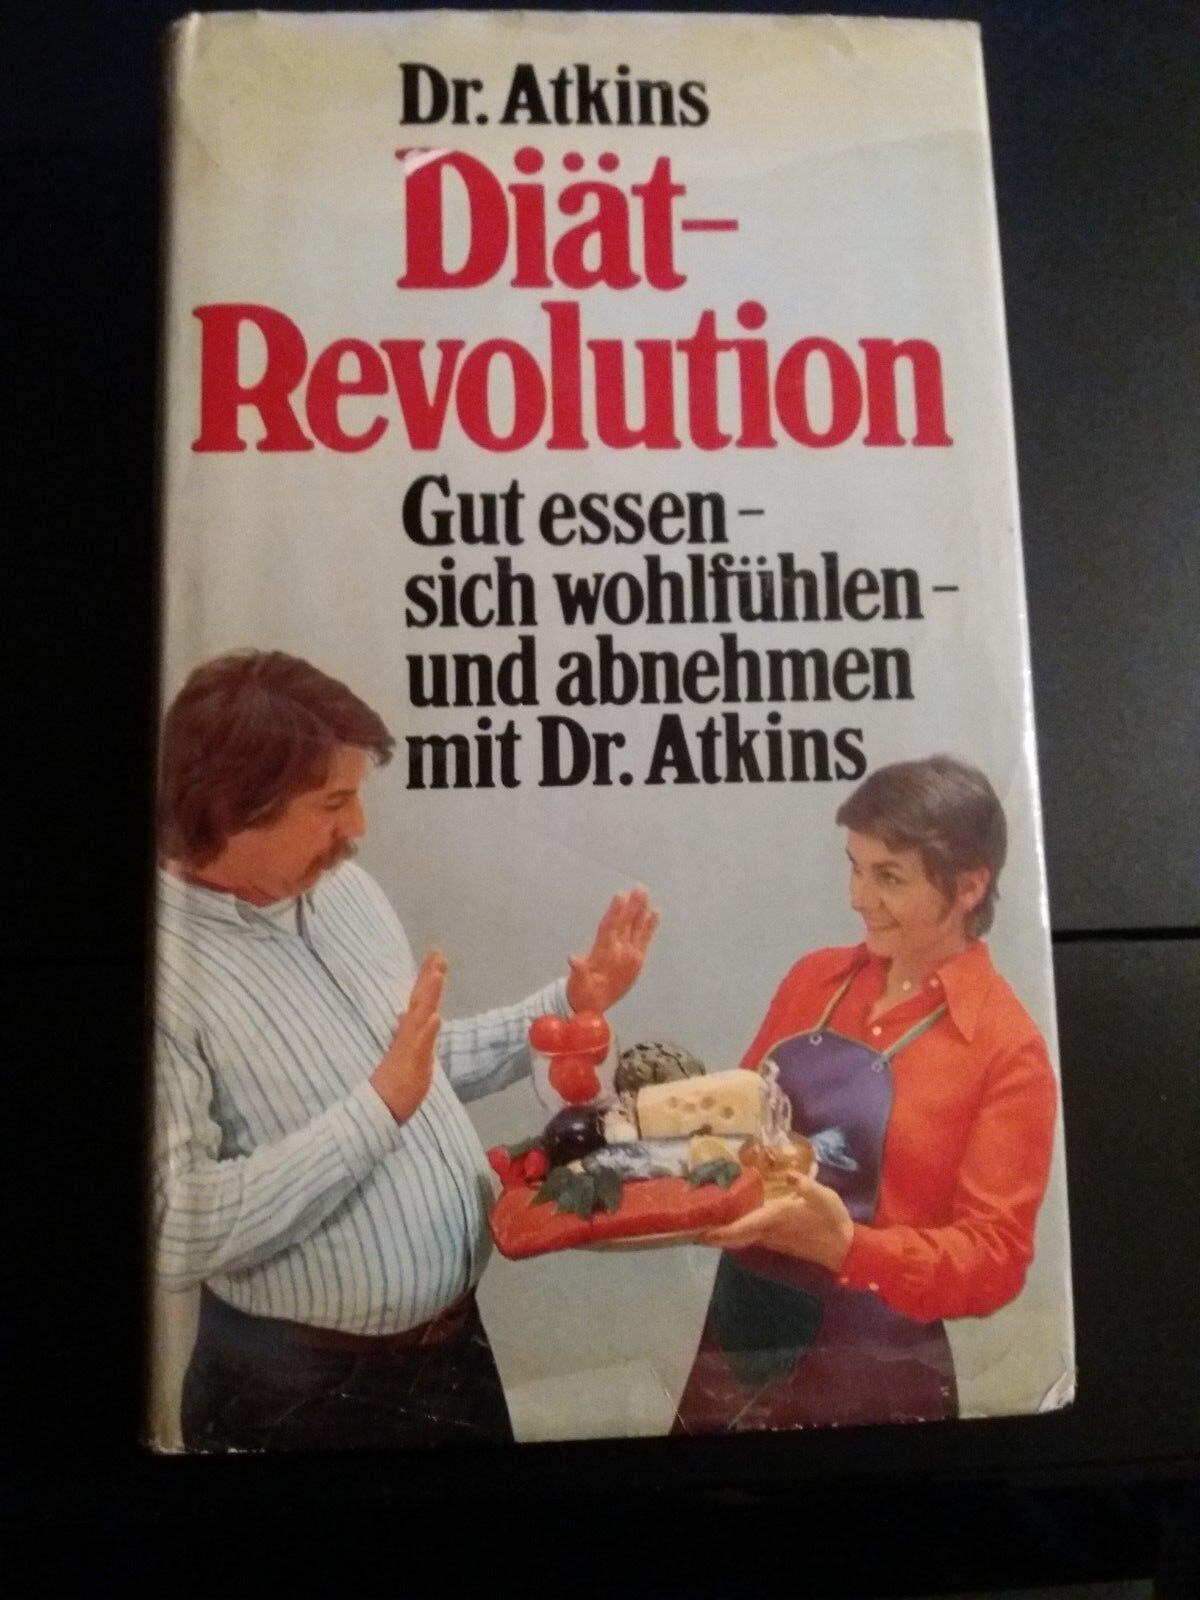 DR. ATKINS DIÄT-REVOLUTION- Gut essen - sich wohlfühlen und abnehmen